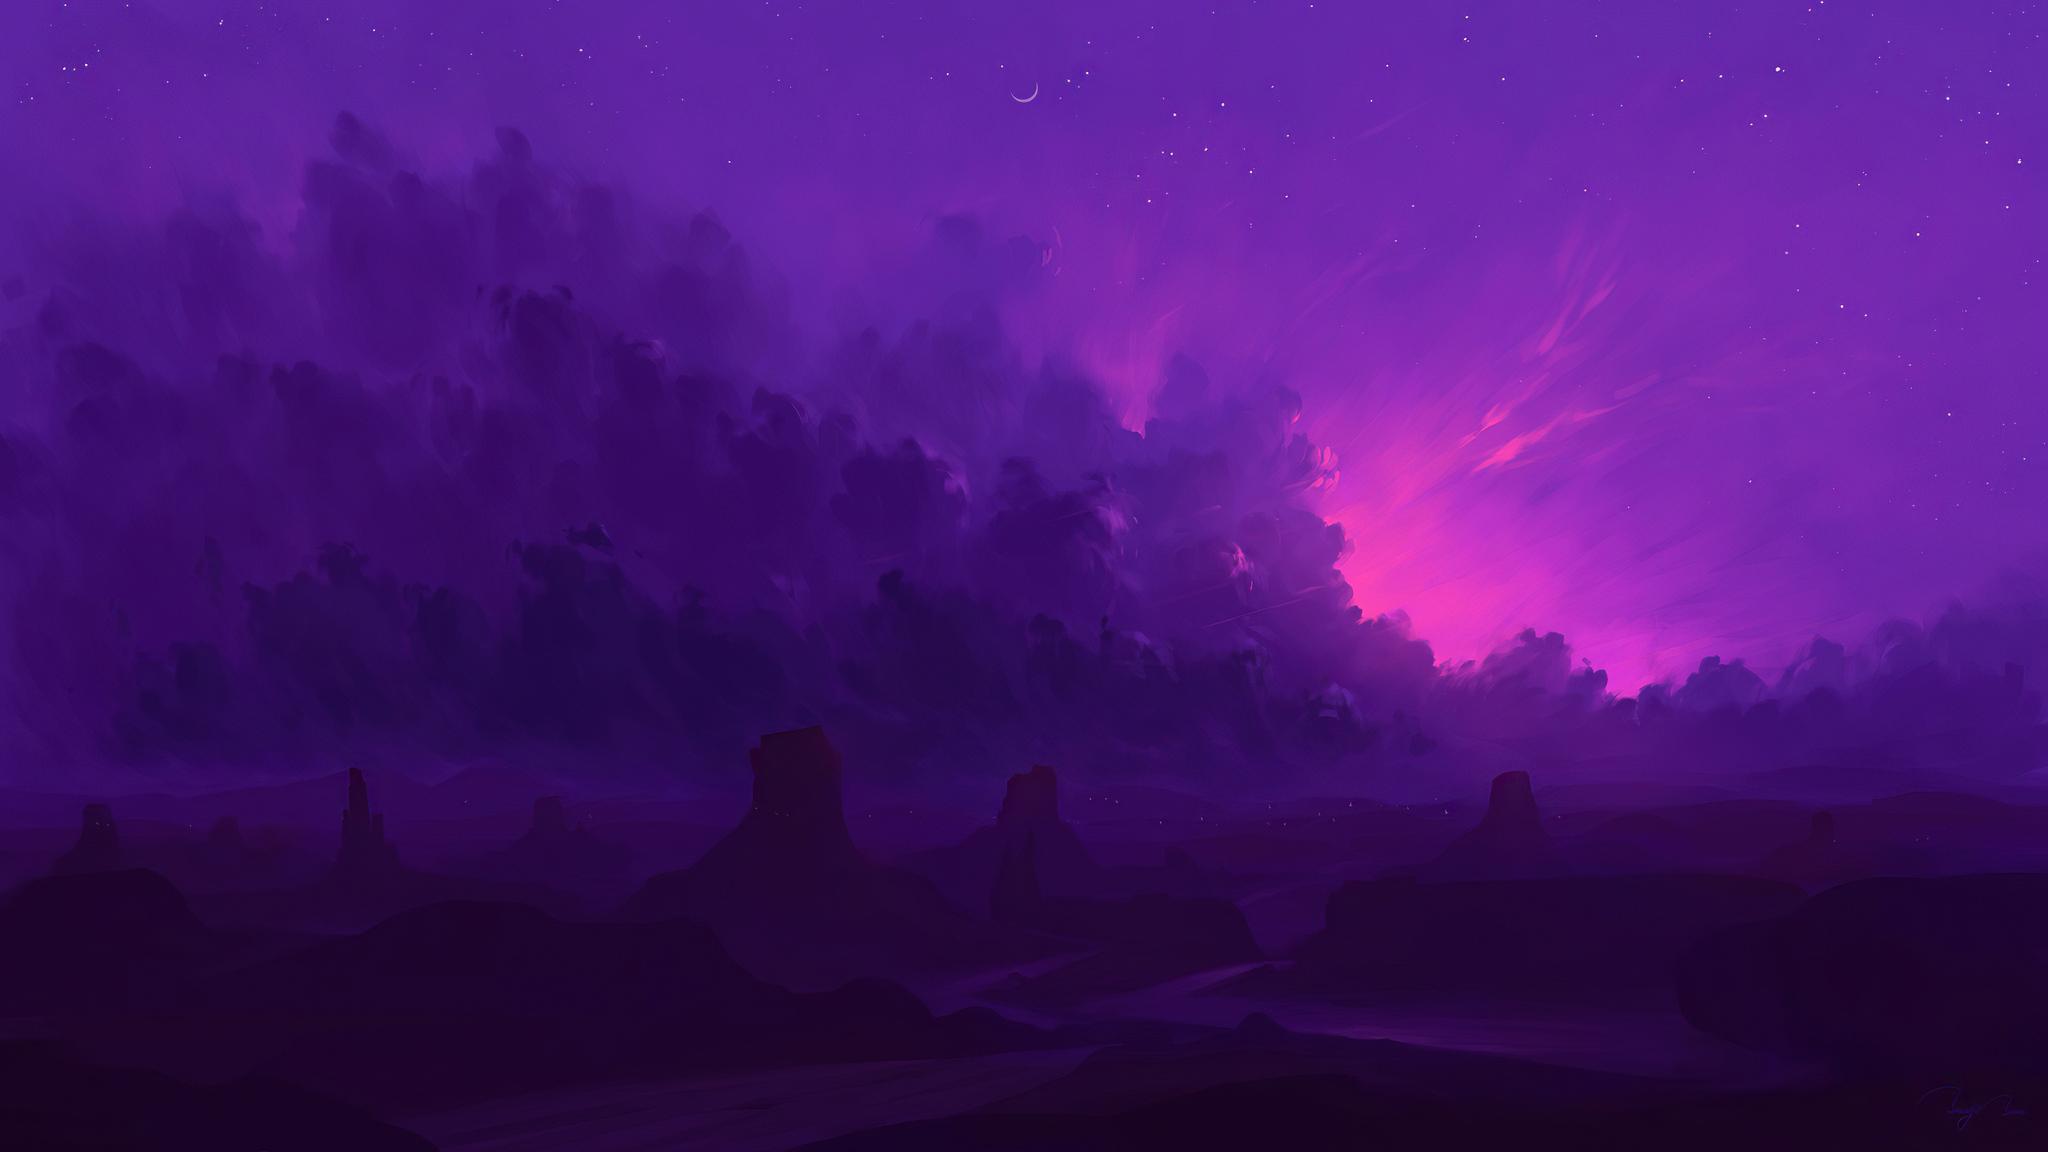 dark-evening-light-pink-road-stars-4k-60.jpg